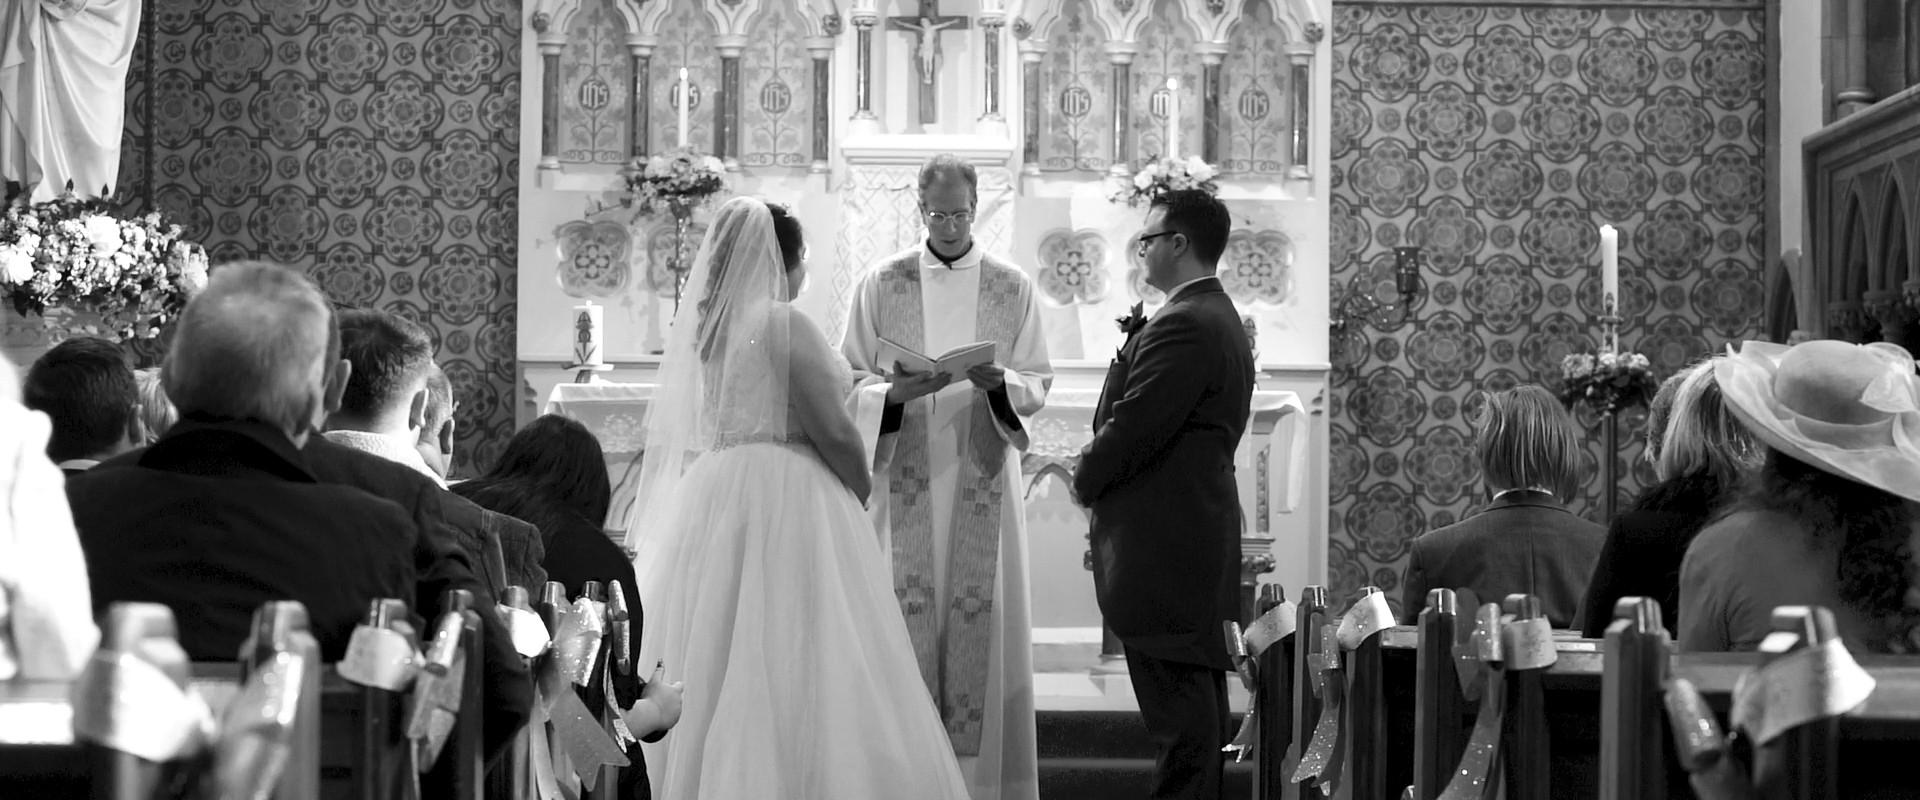 Wedding-ShortFilm-BW.00_02_24_15.Still02